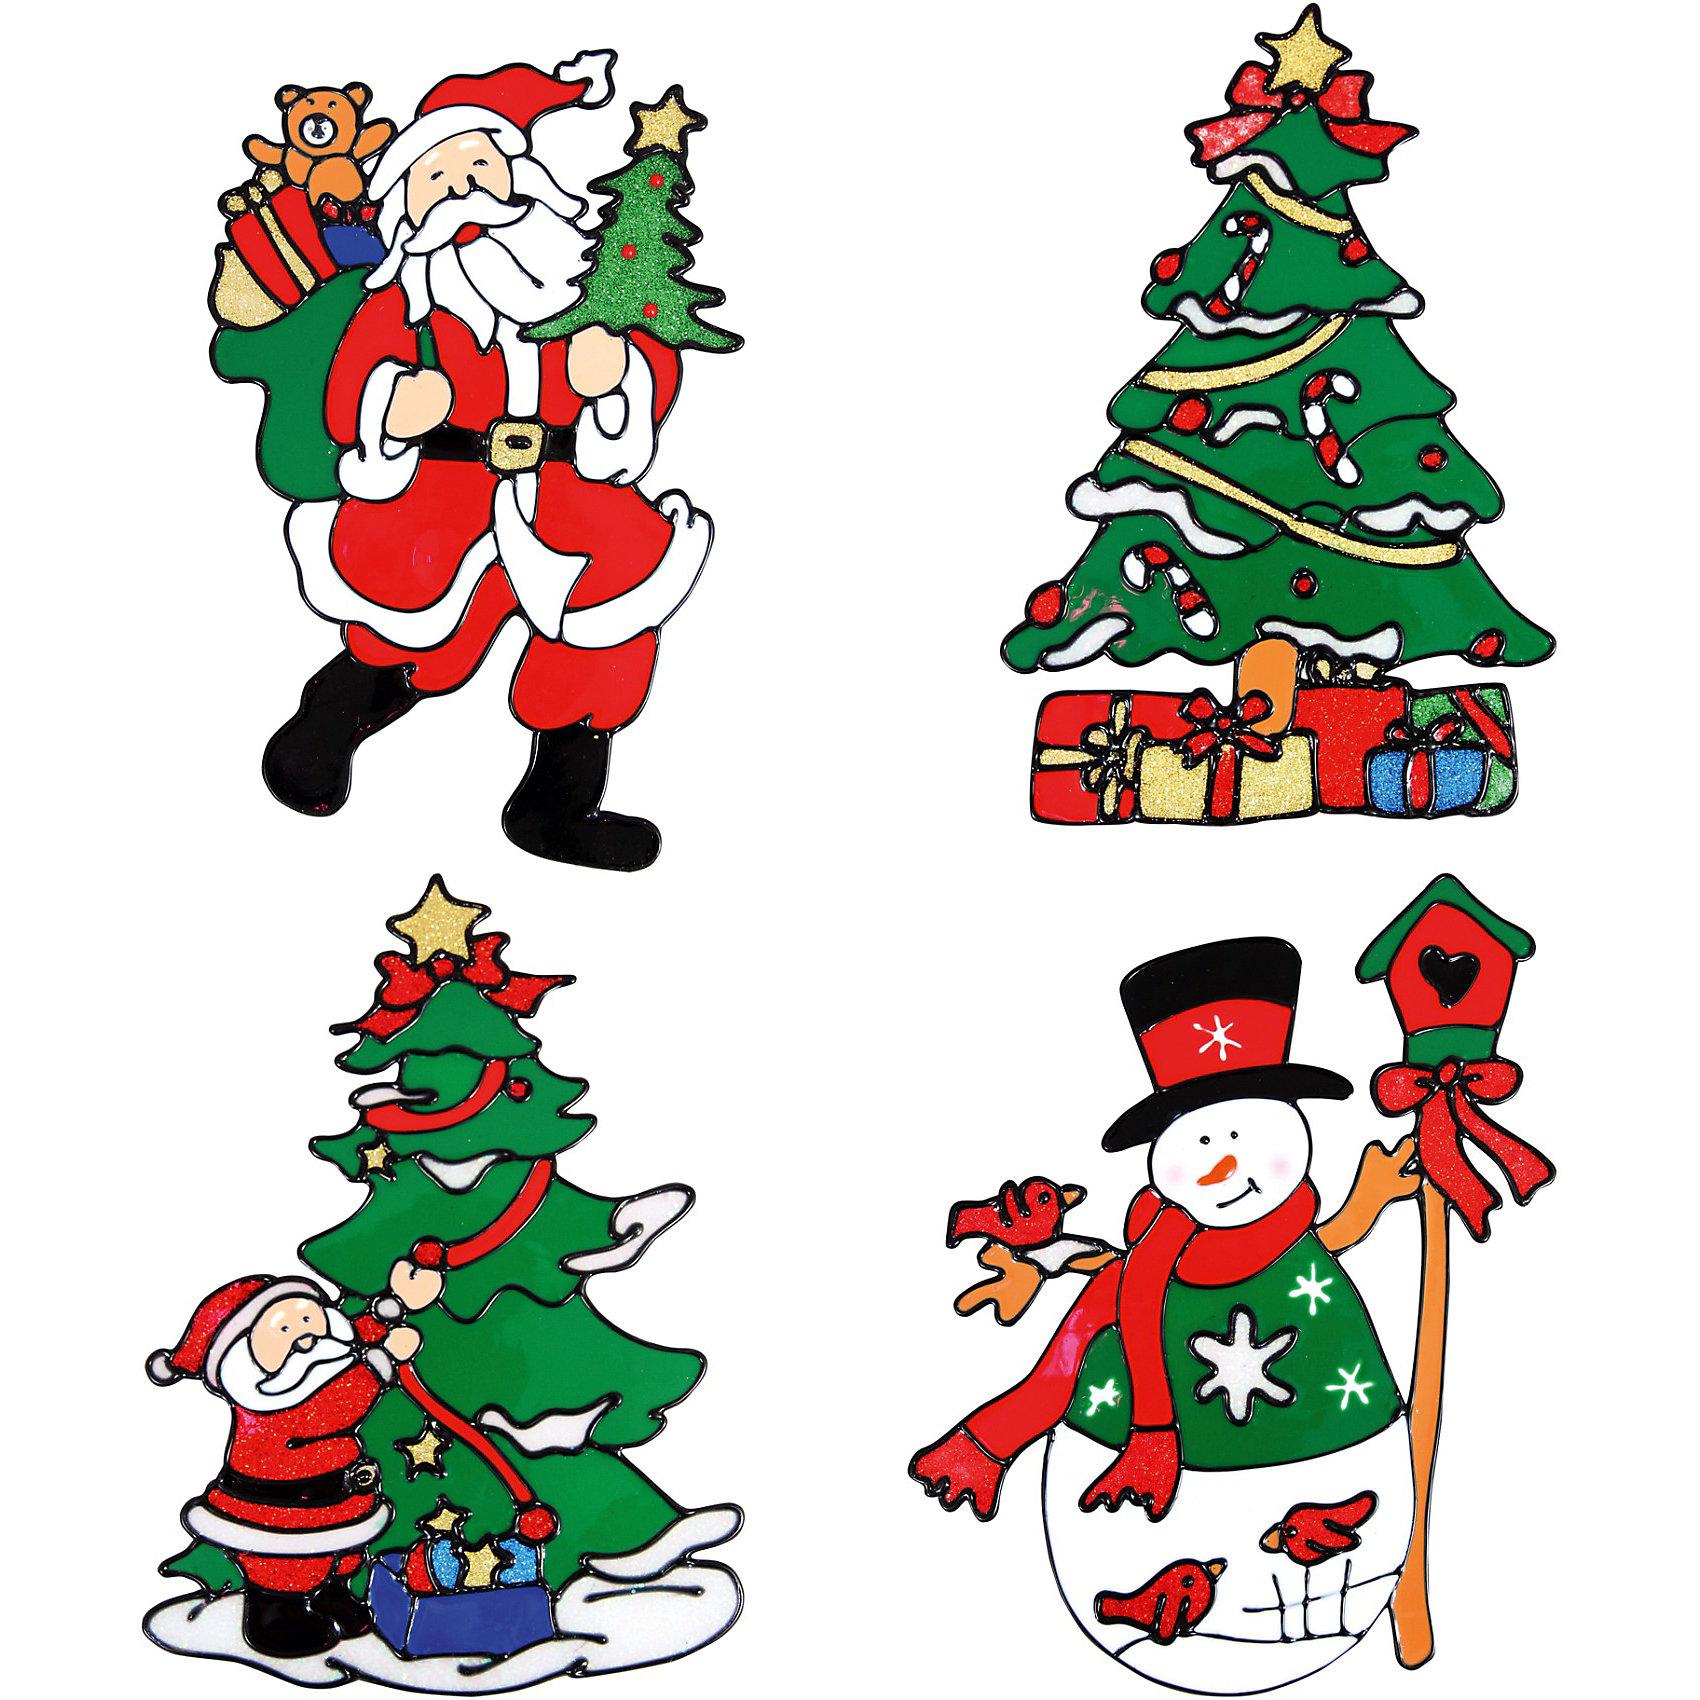 Декоративное украшение (наклейка на окно), 22,5 см, в ассортиментеВсё для праздника<br>Декоративное украшение (наклейка на окно), Волшебная страна замечательно украсит Ваш интерьер и создаст праздничное новогоднее настроение. В ассортименте представлены 4 варианта дизайна наклеек: елочка, снеговик и 2 разных картинки с изображением Деда Мороза.<br><br>Дополнительная информация:<br><br>- Размер наклейки: 22,5 см.<br>- Вес: 42 гр. <br><br>Декоративное украшение (наклейку на окно), Волшебная страна можно купить в нашем интернет-магазине.<br><br>ВНИМАНИЕ! Данный артикул имеется в наличии в разных вариантах исполнения. Заранее выбрать определенный вариант нельзя. При заказе нескольких наклеек возможно получение одинаковых.<br><br>Ширина мм: 320<br>Глубина мм: 120<br>Высота мм: 200<br>Вес г: 42<br>Возраст от месяцев: 60<br>Возраст до месяцев: 180<br>Пол: Унисекс<br>Возраст: Детский<br>SKU: 3791448